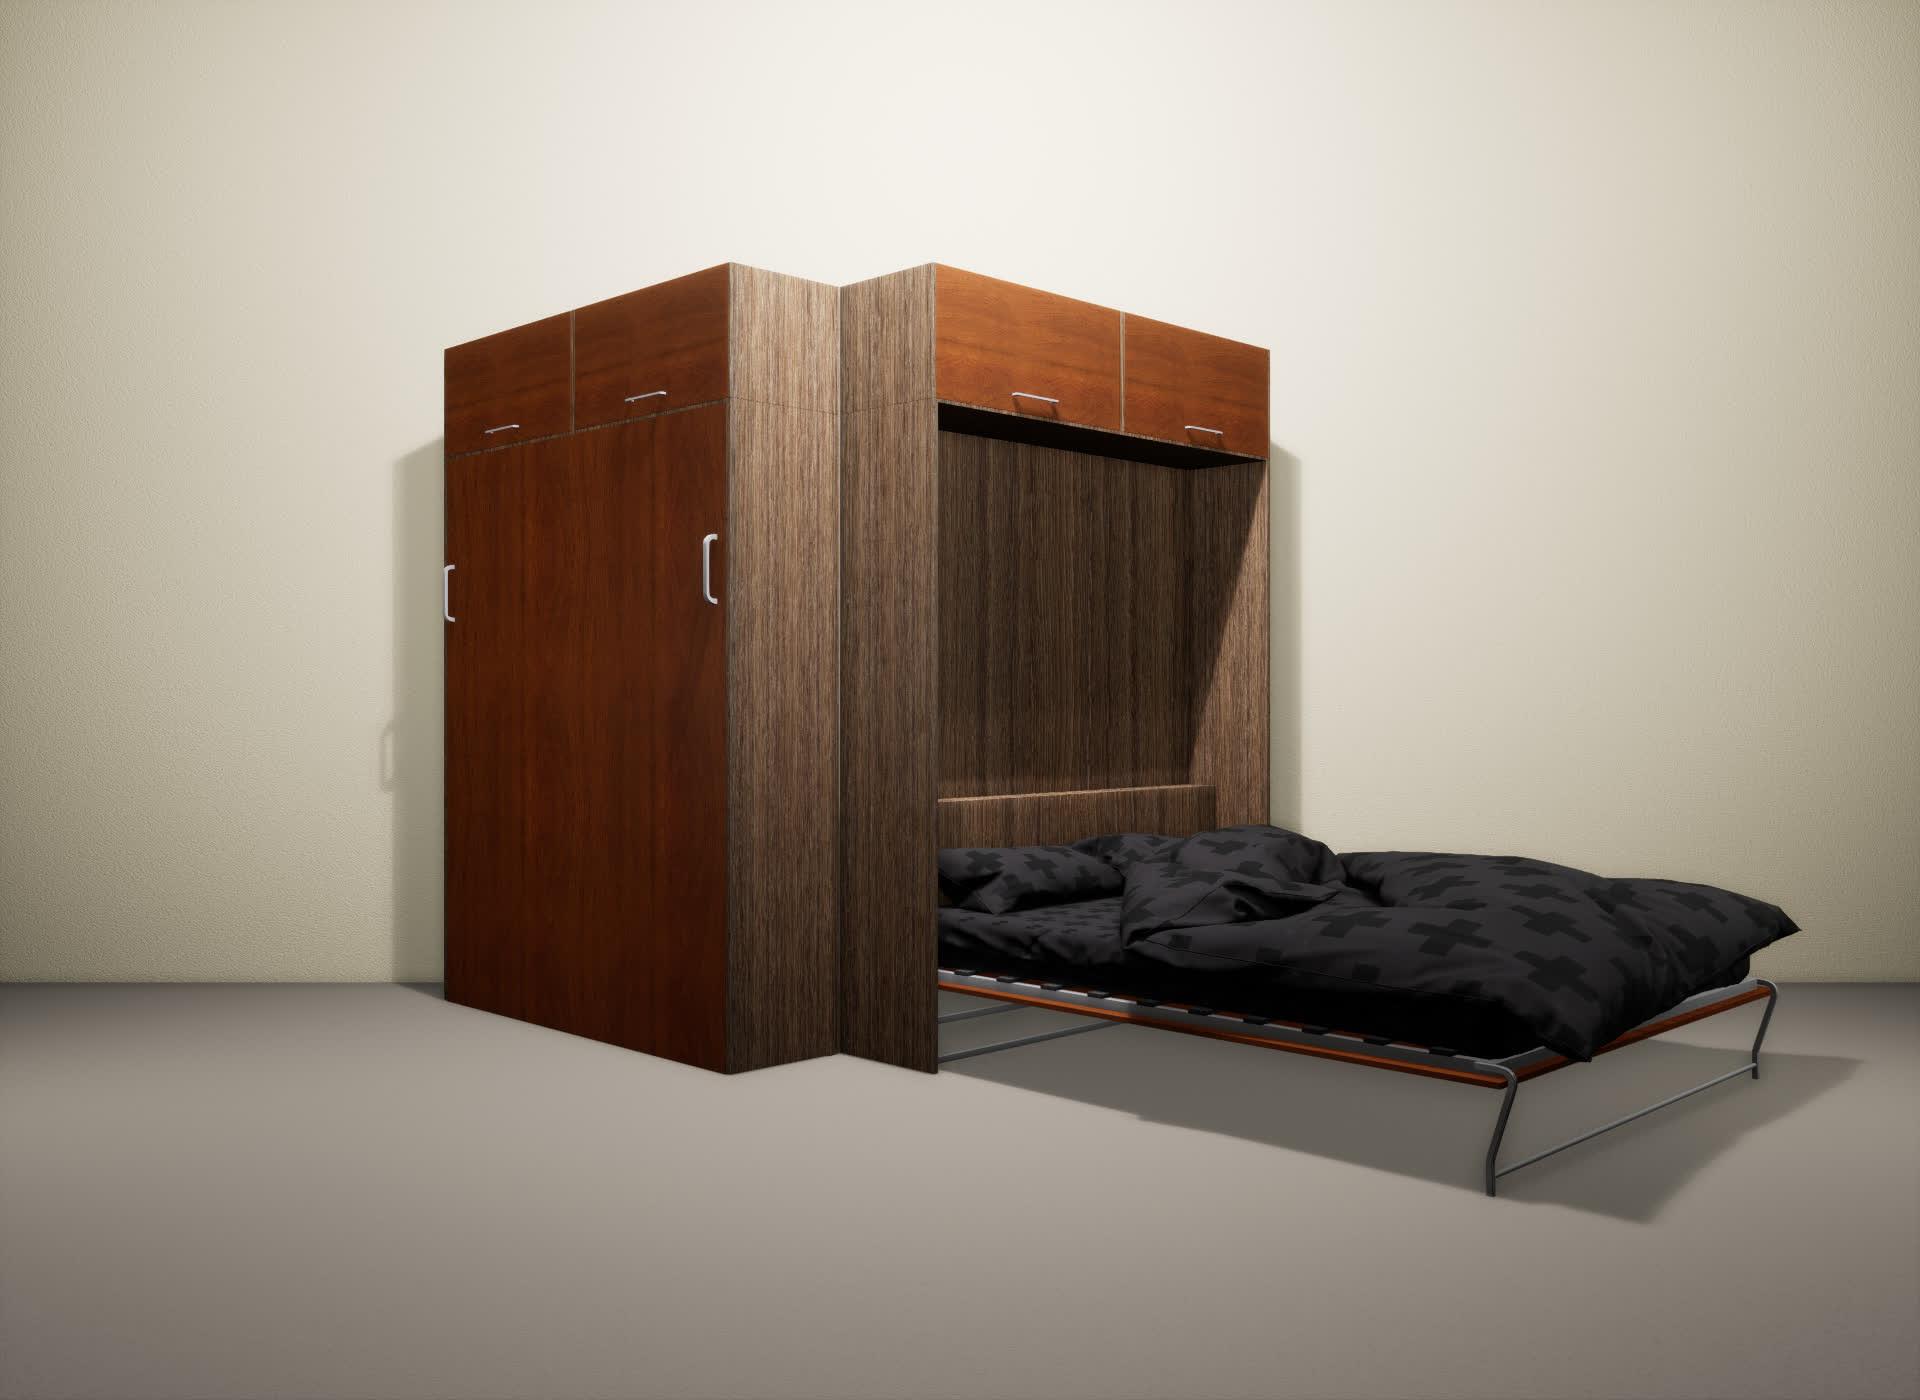 Шкаф-кровать SMART HOME Альфа шамони/яблоня